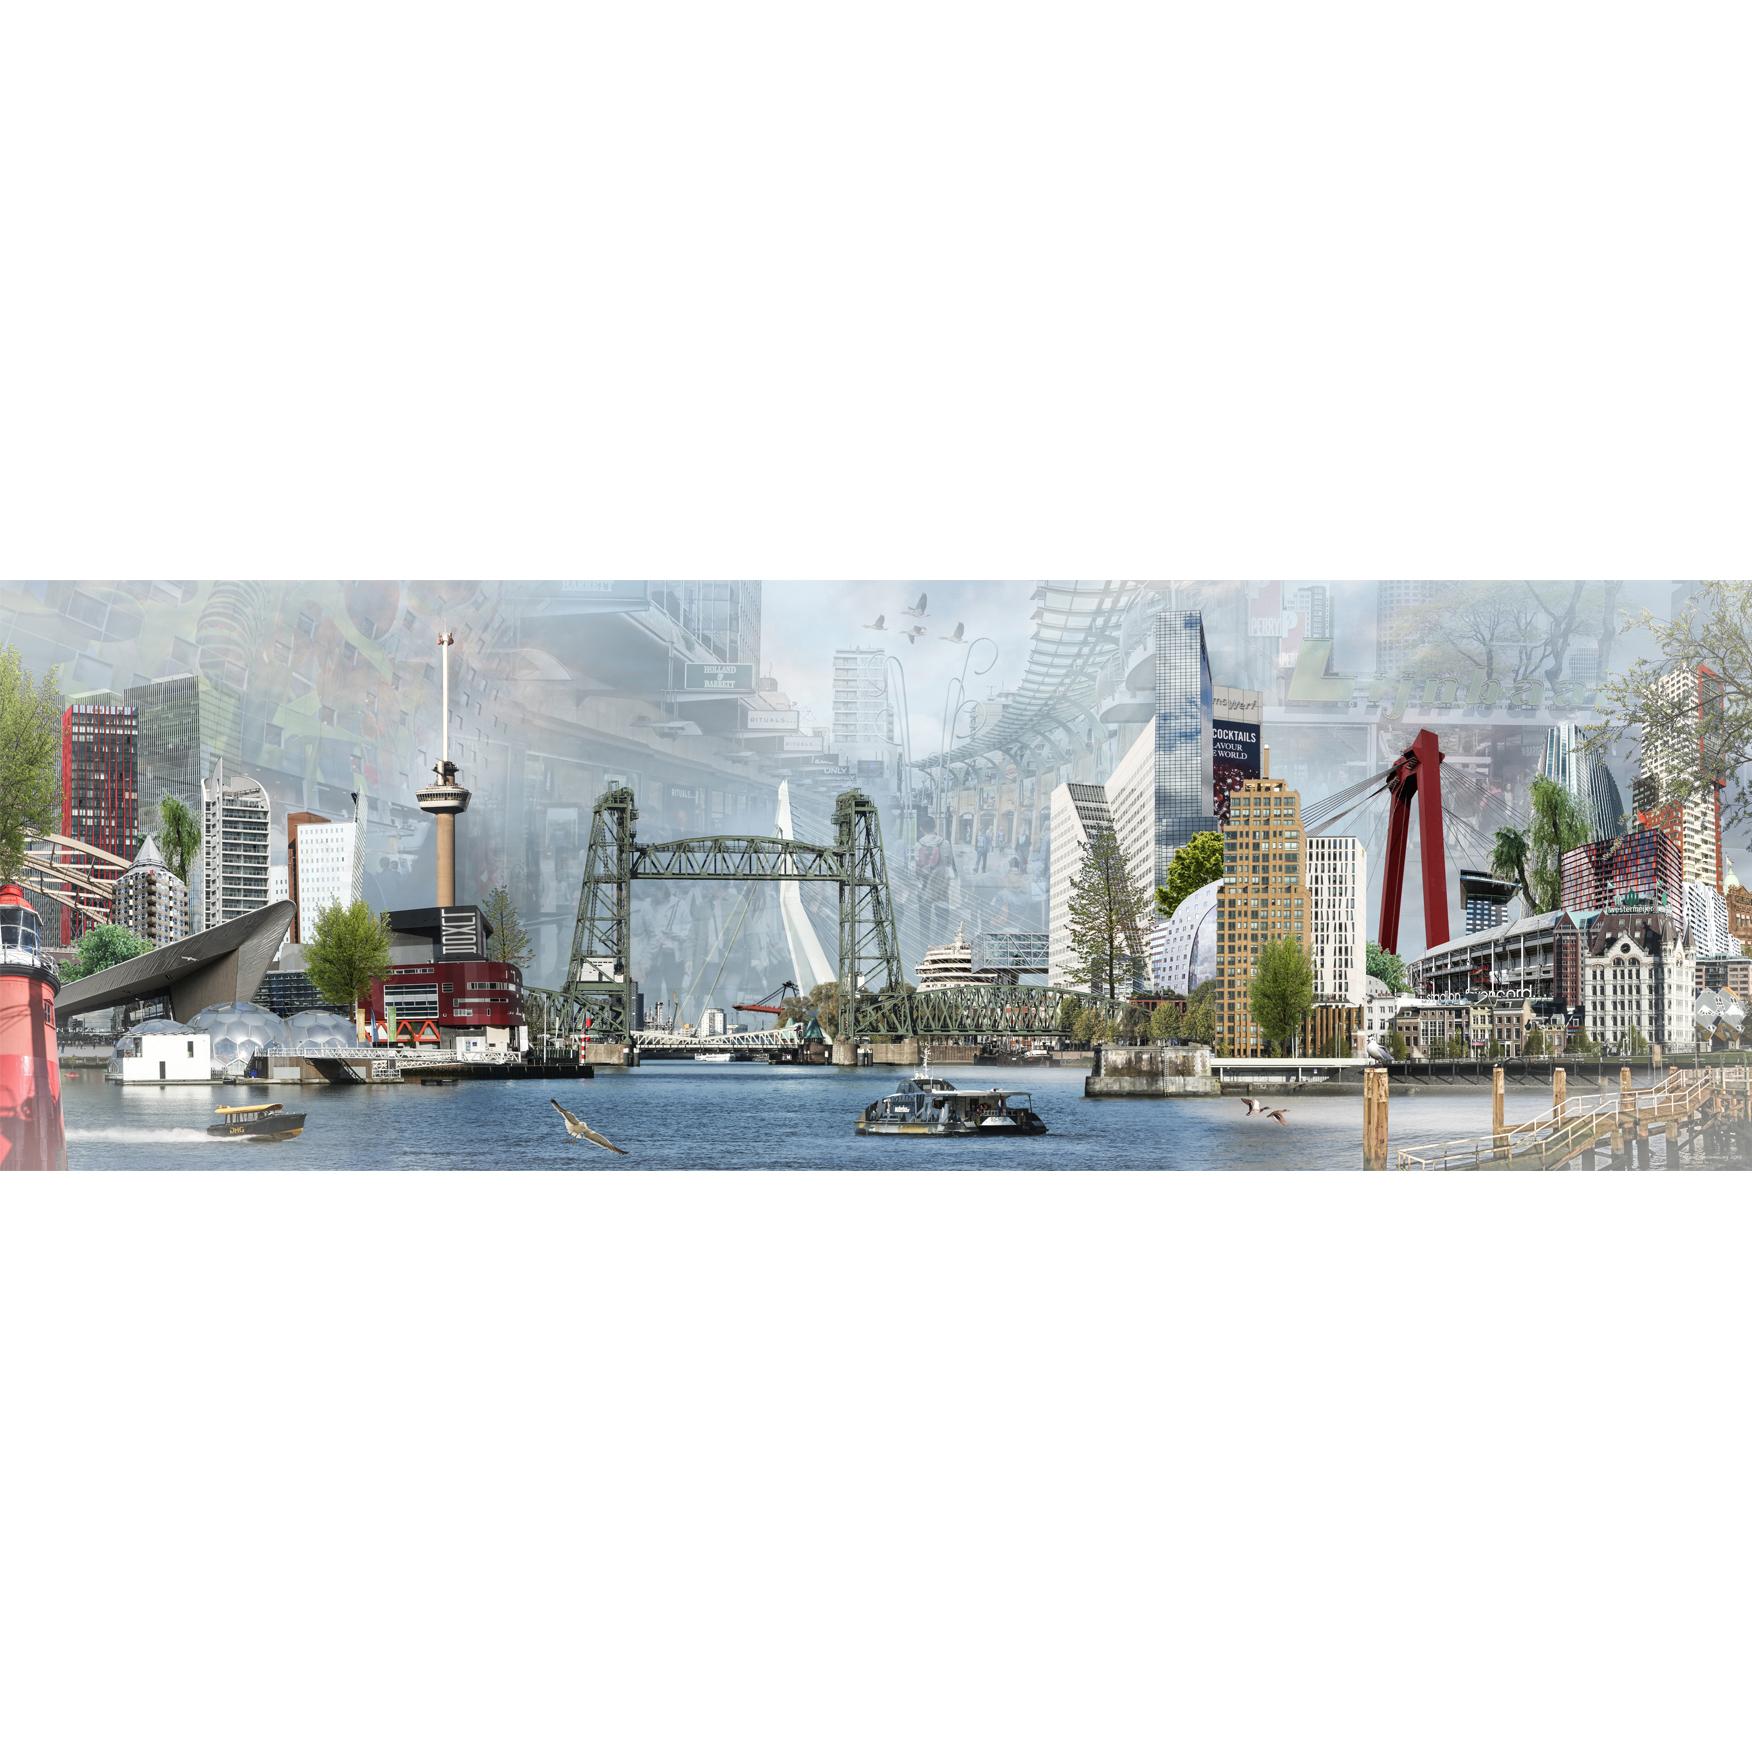 Groeneweg fotocompilatie 'The Bridge Rotterdam'